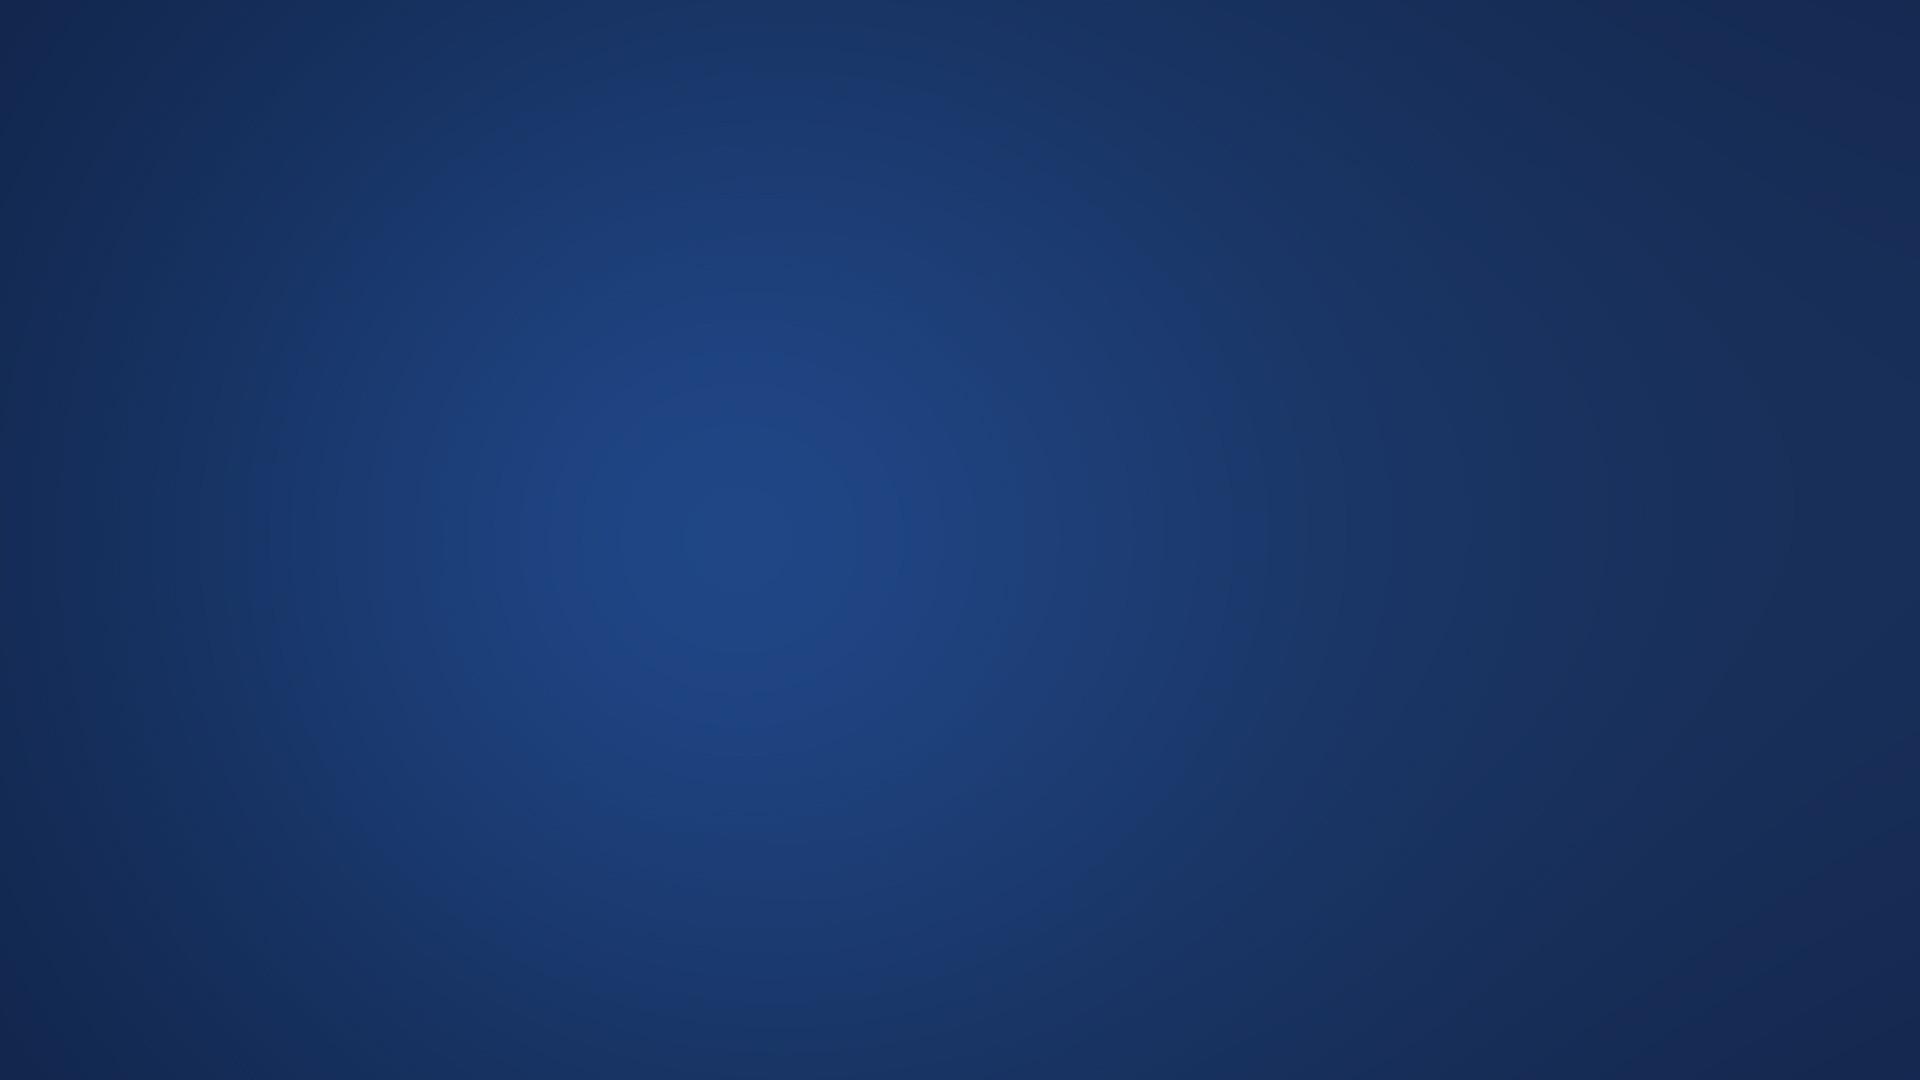 BackgroundBlueShaded.jpg